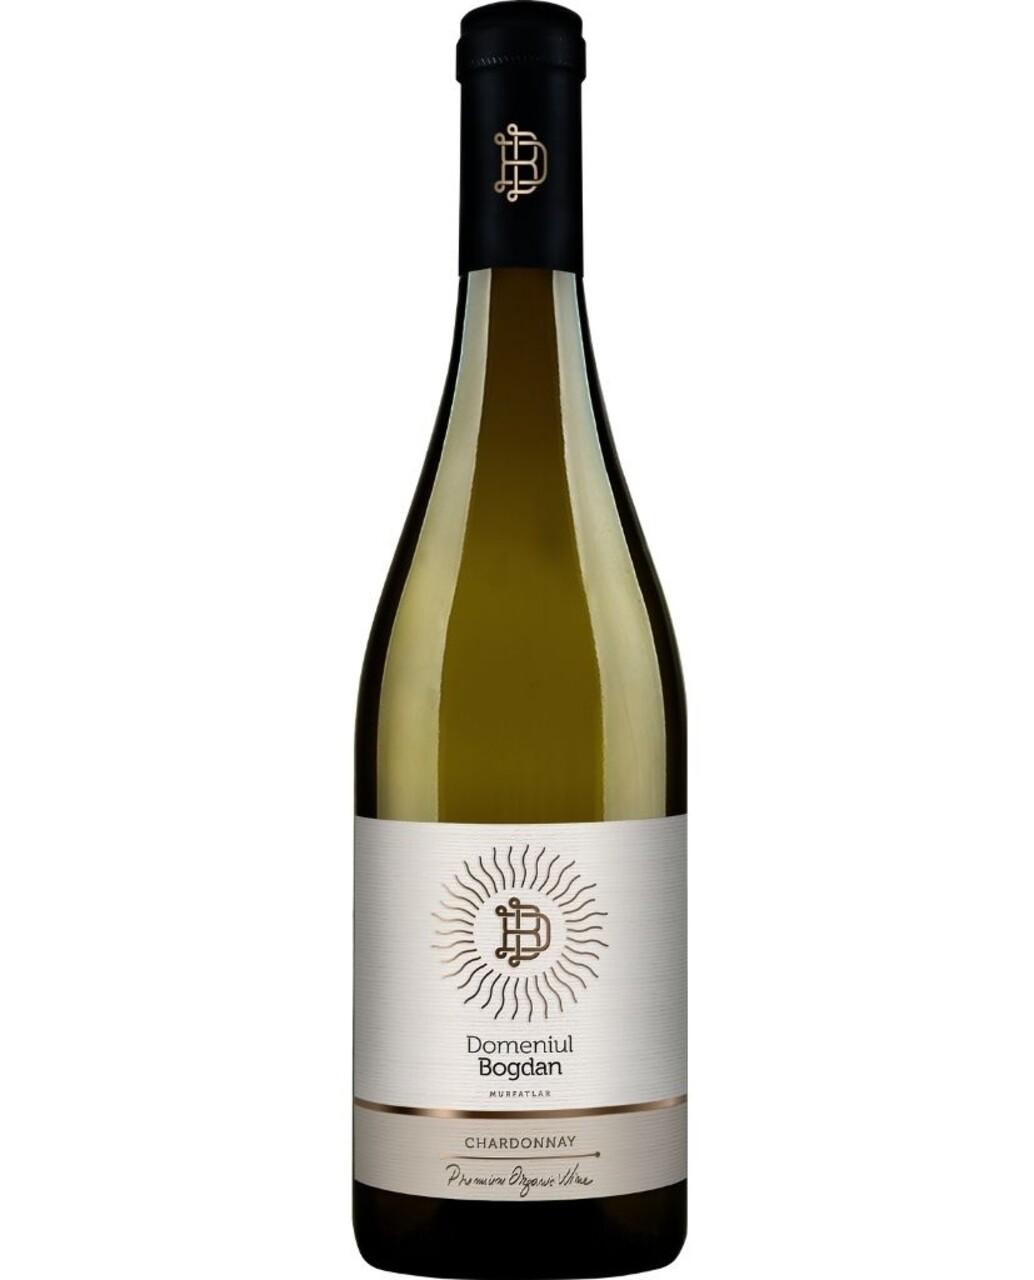 Domeniul Bogdan Premium Chardonnay